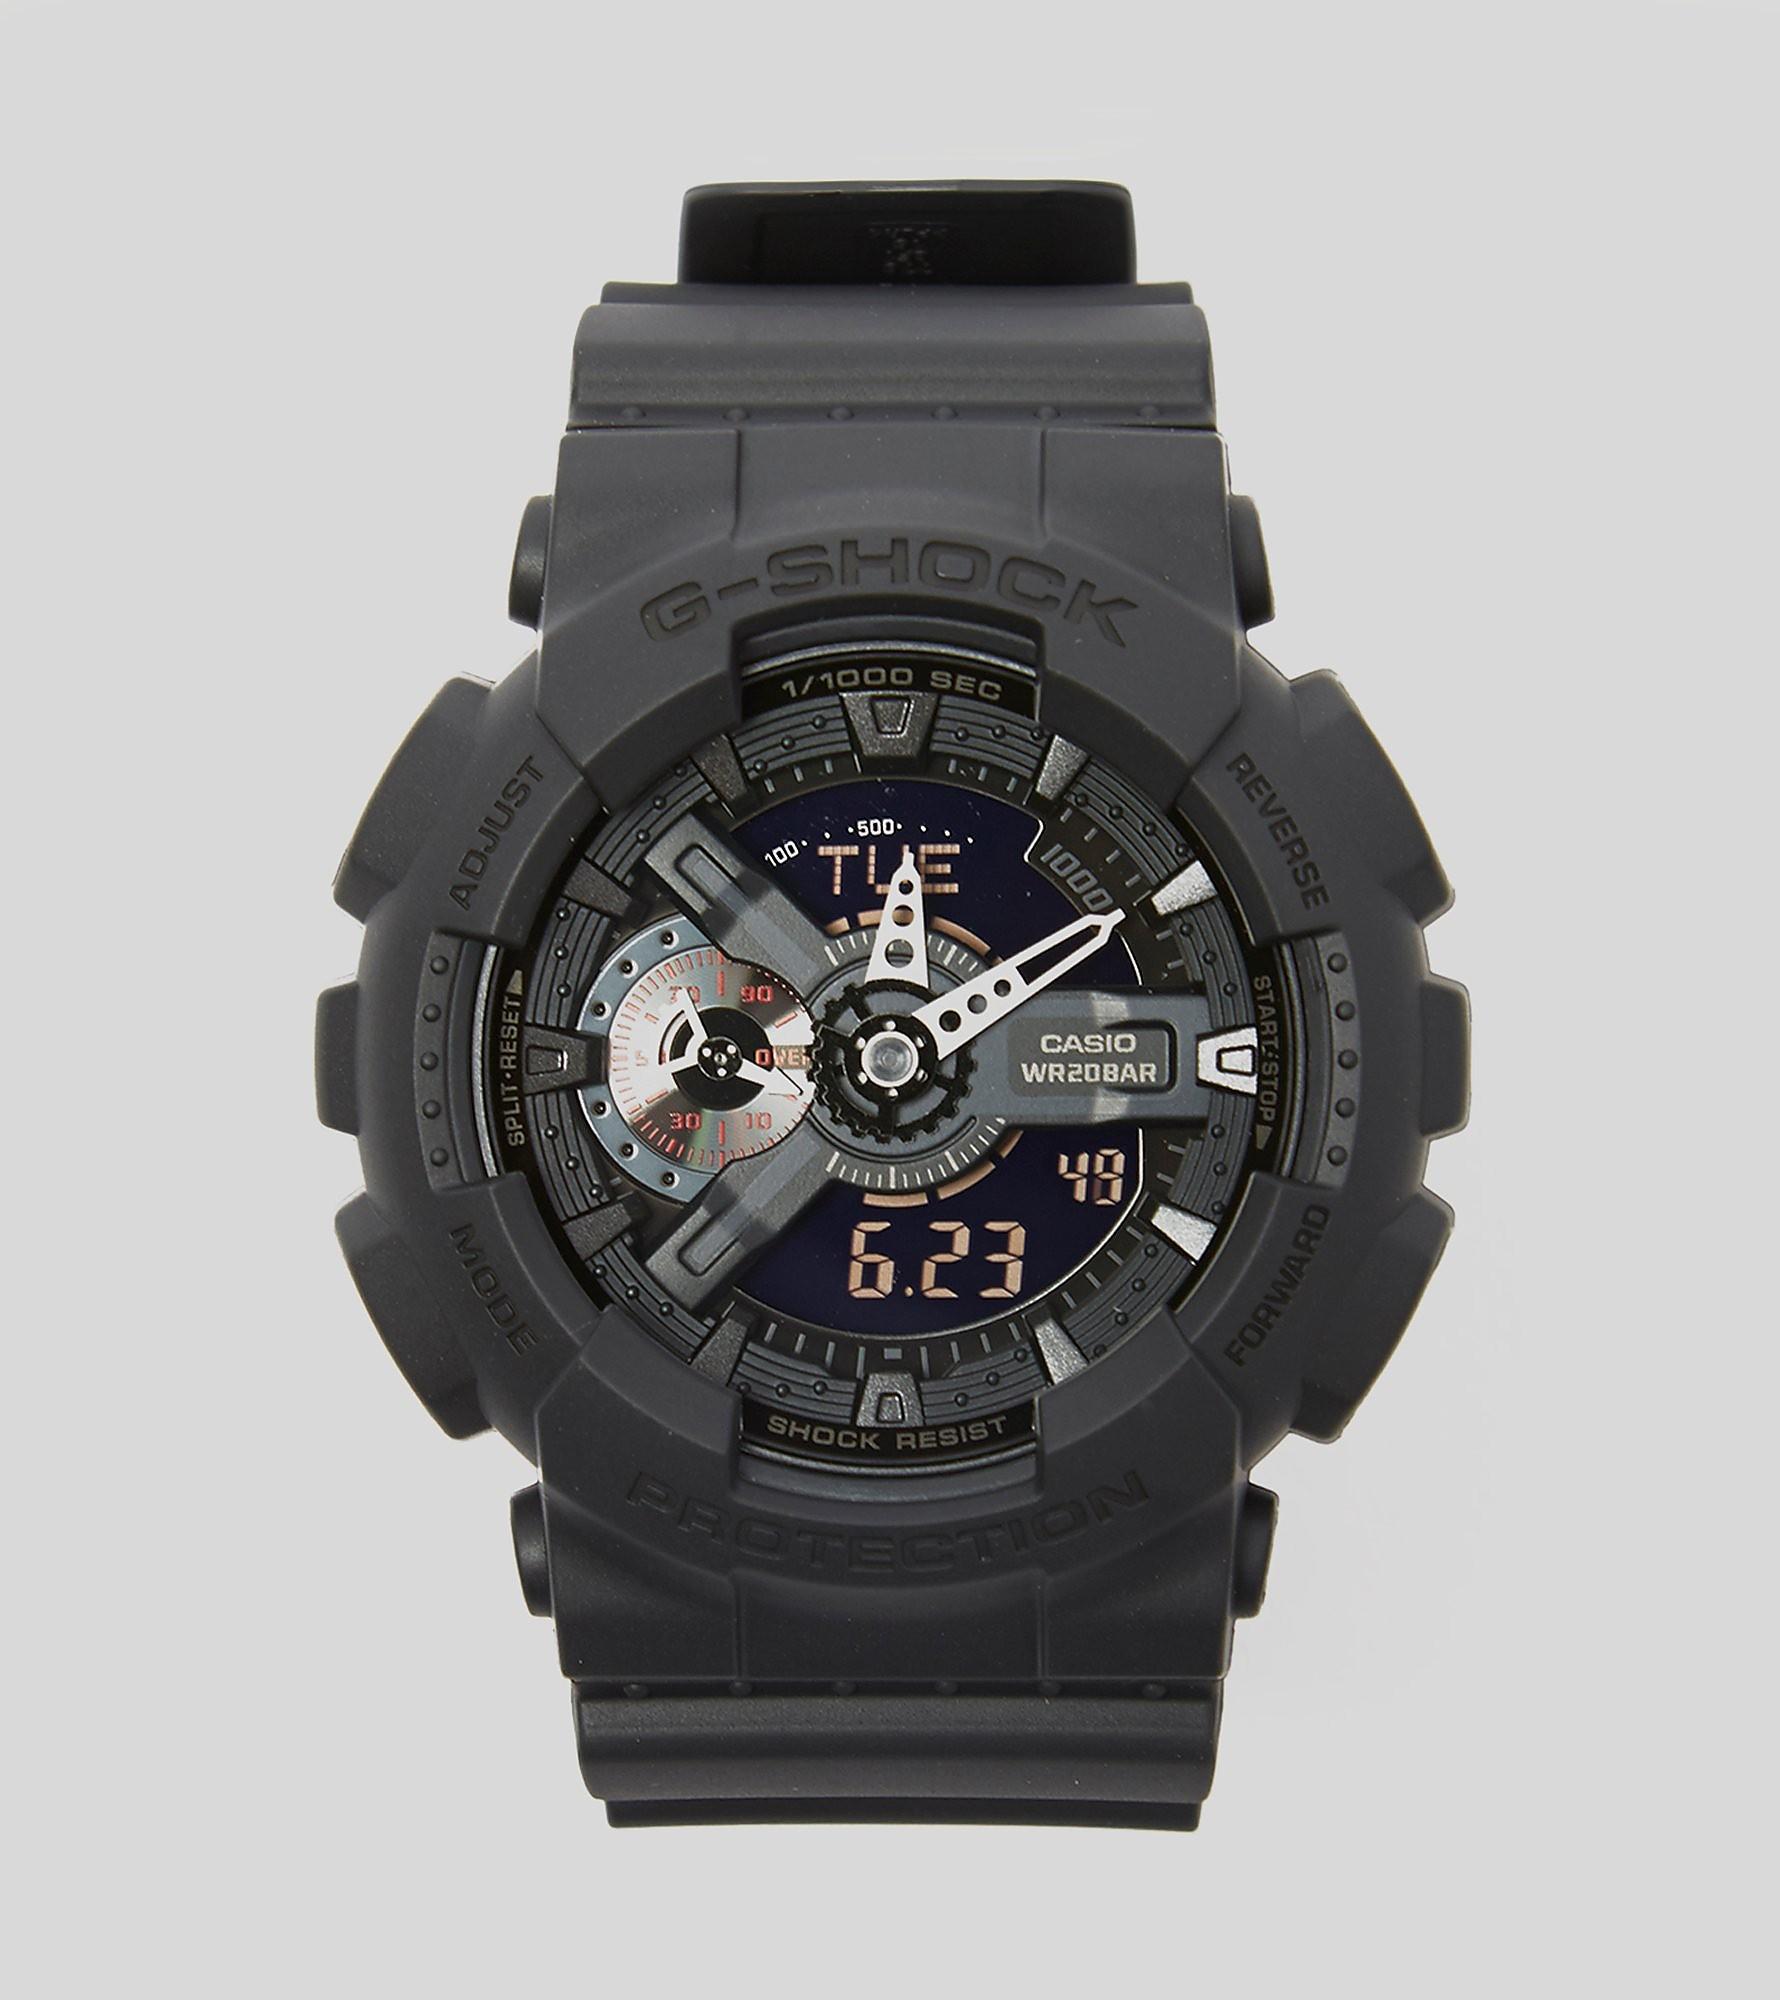 G-Shock GA110MB-1A